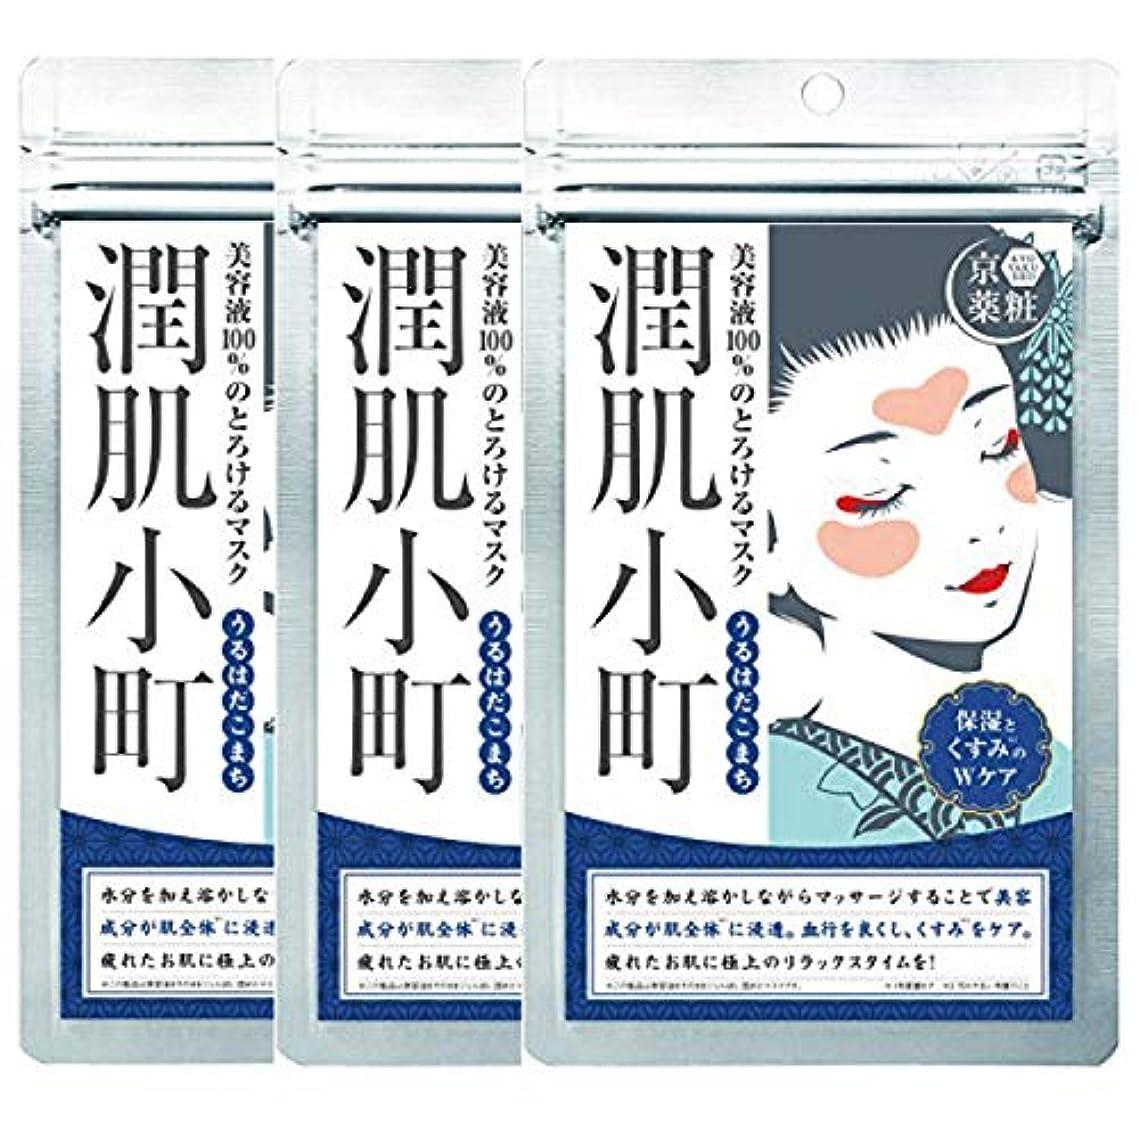 クリーナーインストラクター脅威京薬粧 潤肌小町 潤いマスク ×3セット